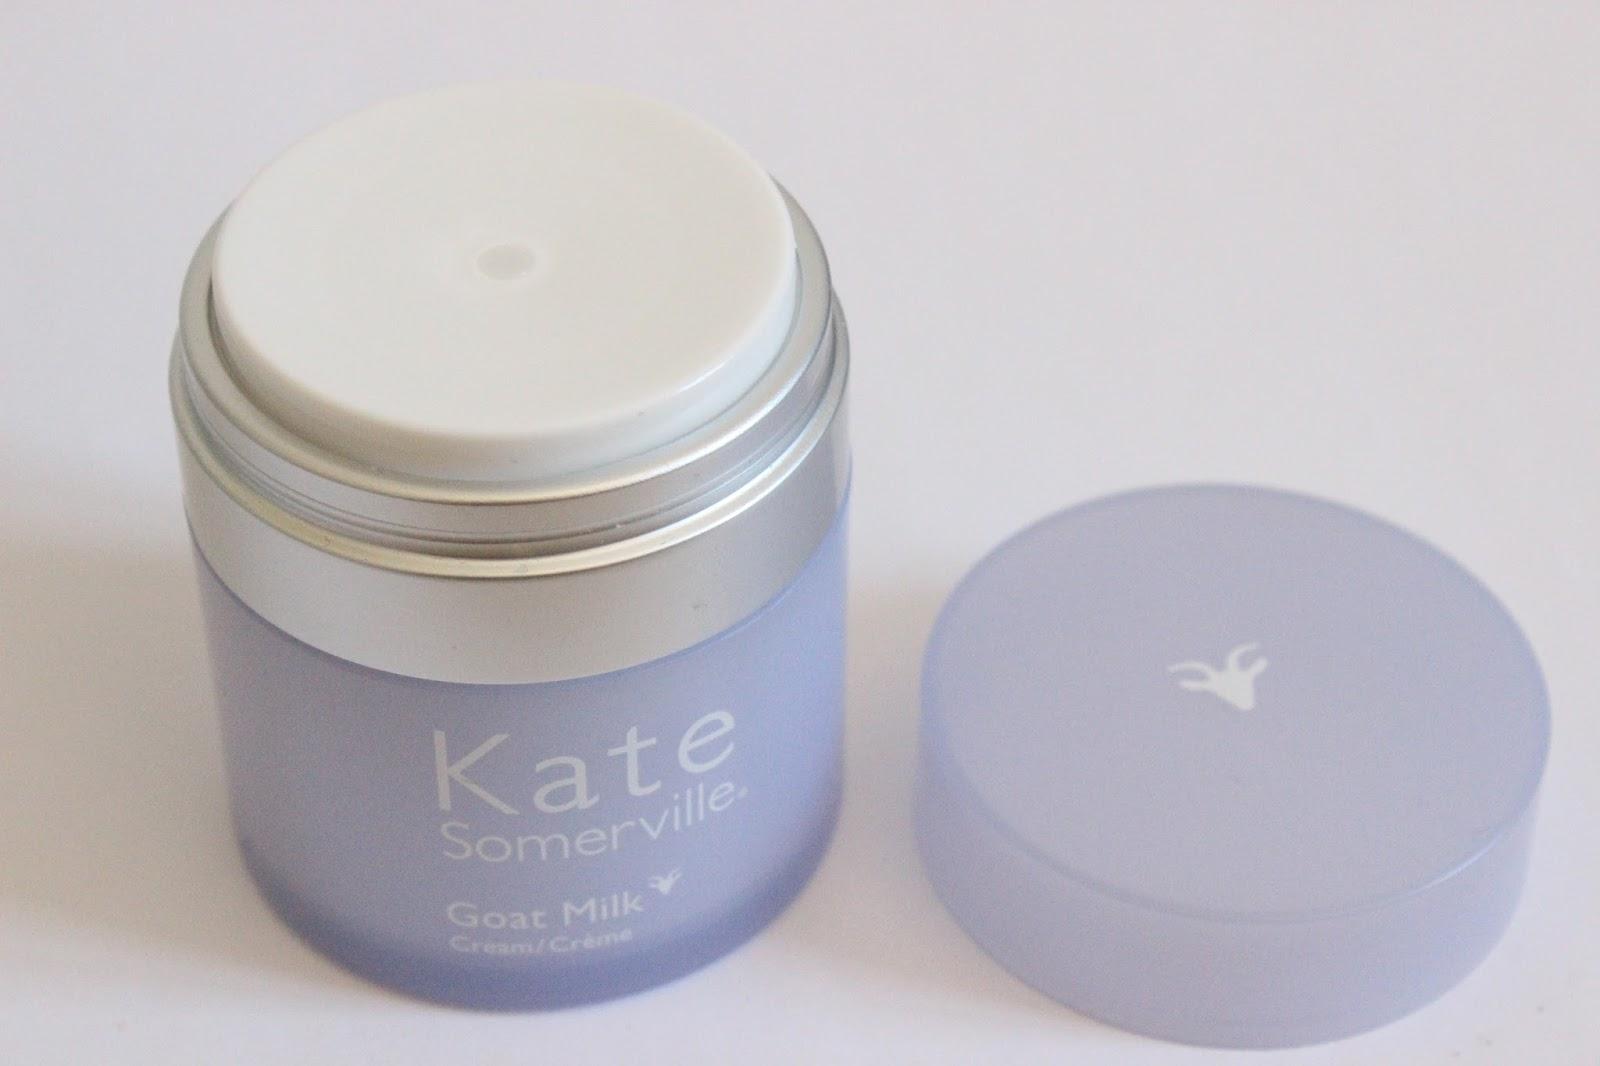 Kate Somerville Goat Cream